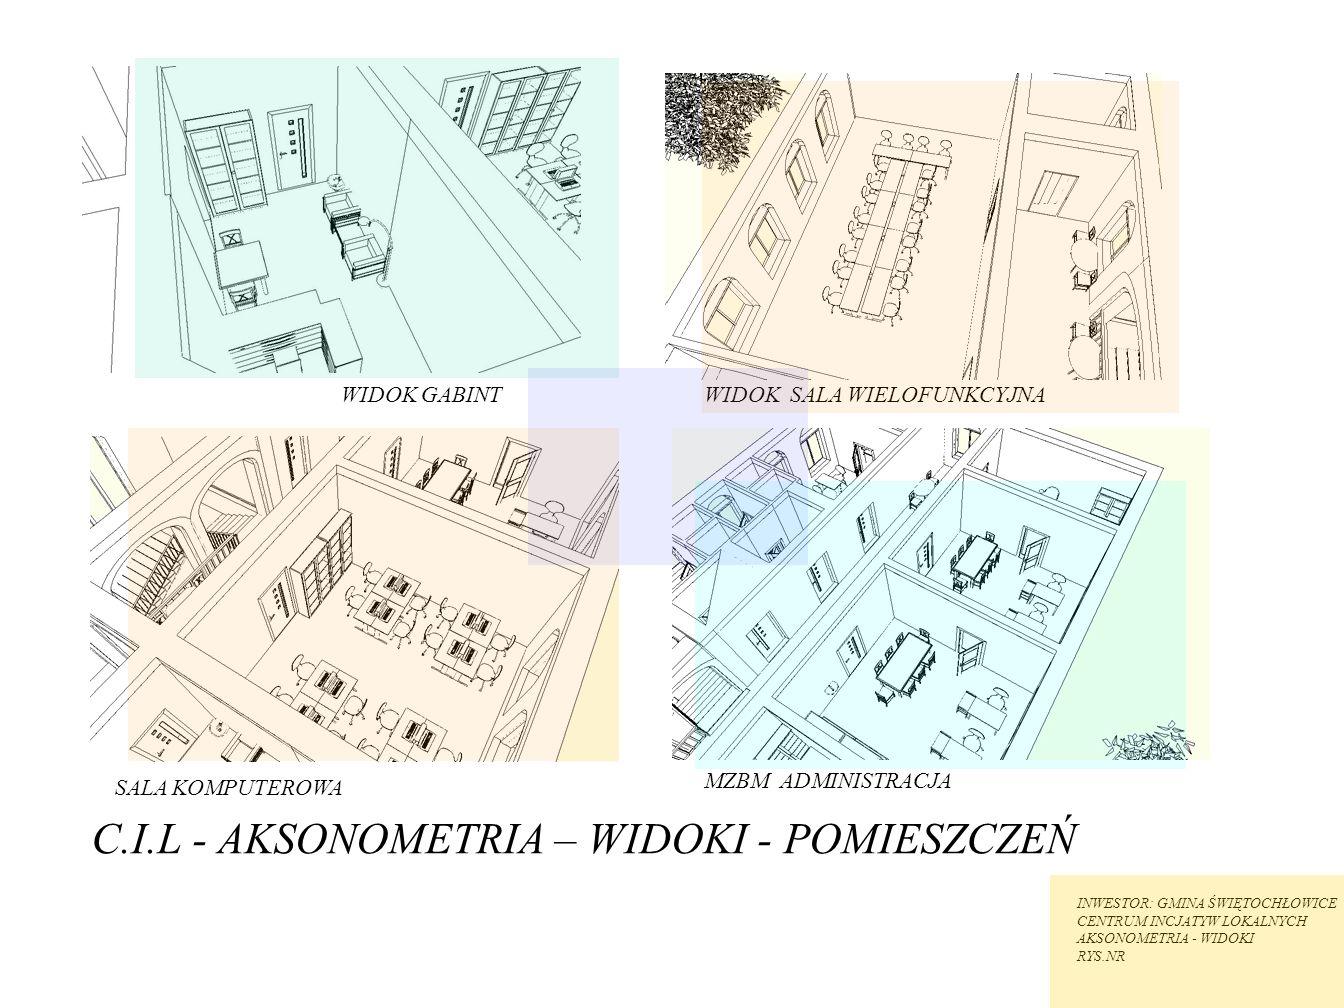 C.I.L - AKSONOMETRIA – WIDOKI - POMIESZCZEŃ INWESTOR: GMINA ŚWIĘTOCHŁOWICE CENTRUM INCJATYW LOKALNYCH AKSONOMETRIA - WIDOKI RYS.NR SALA KOMPUTEROWA MZ